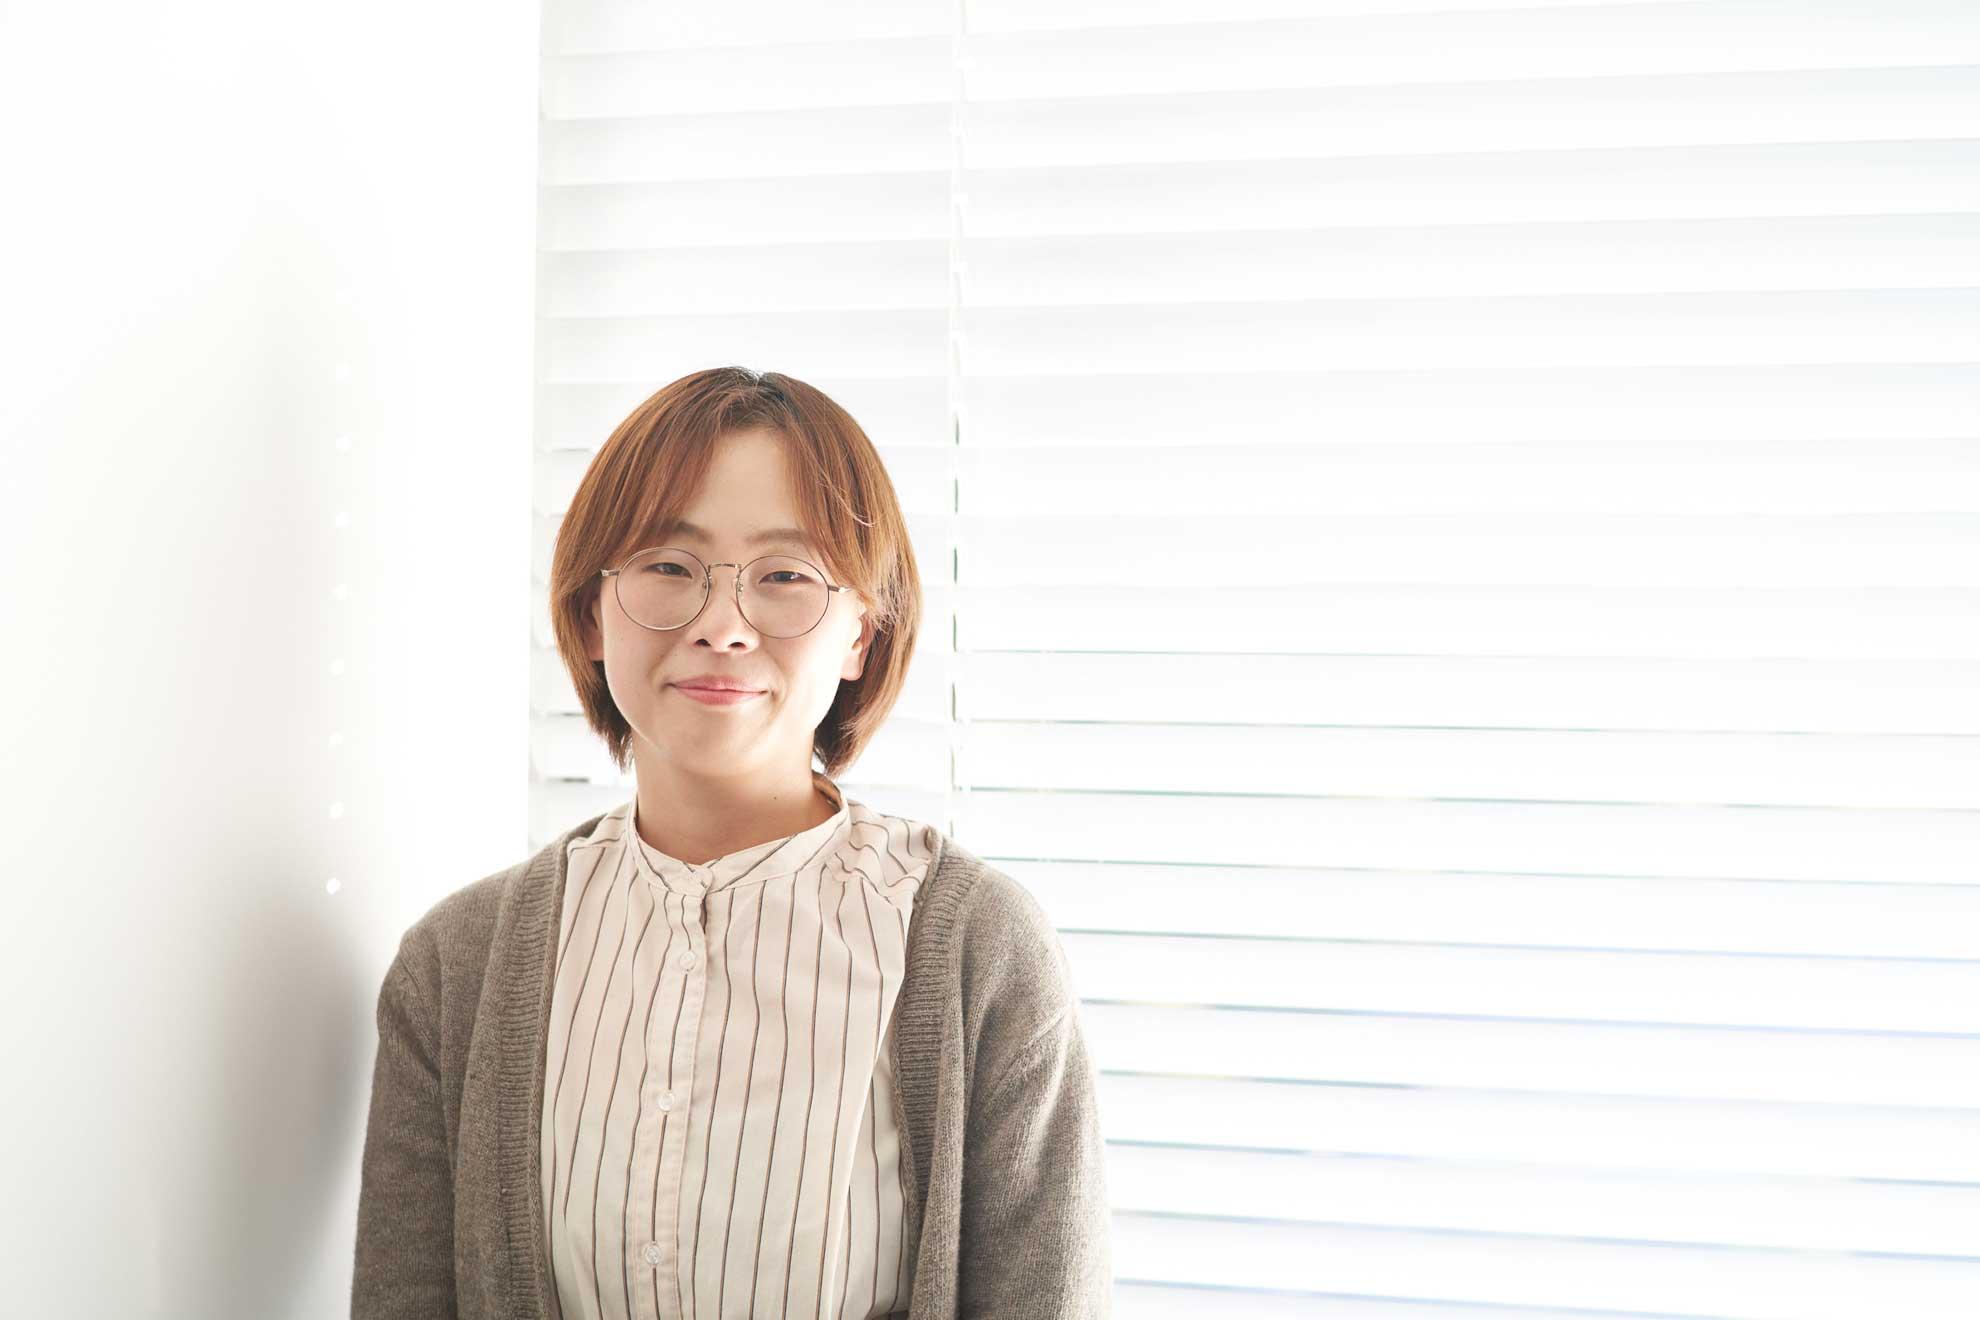 外国人に偏見も差別もないフラットな環境。日本の素晴らしいコンテンツを世界に広めたい。